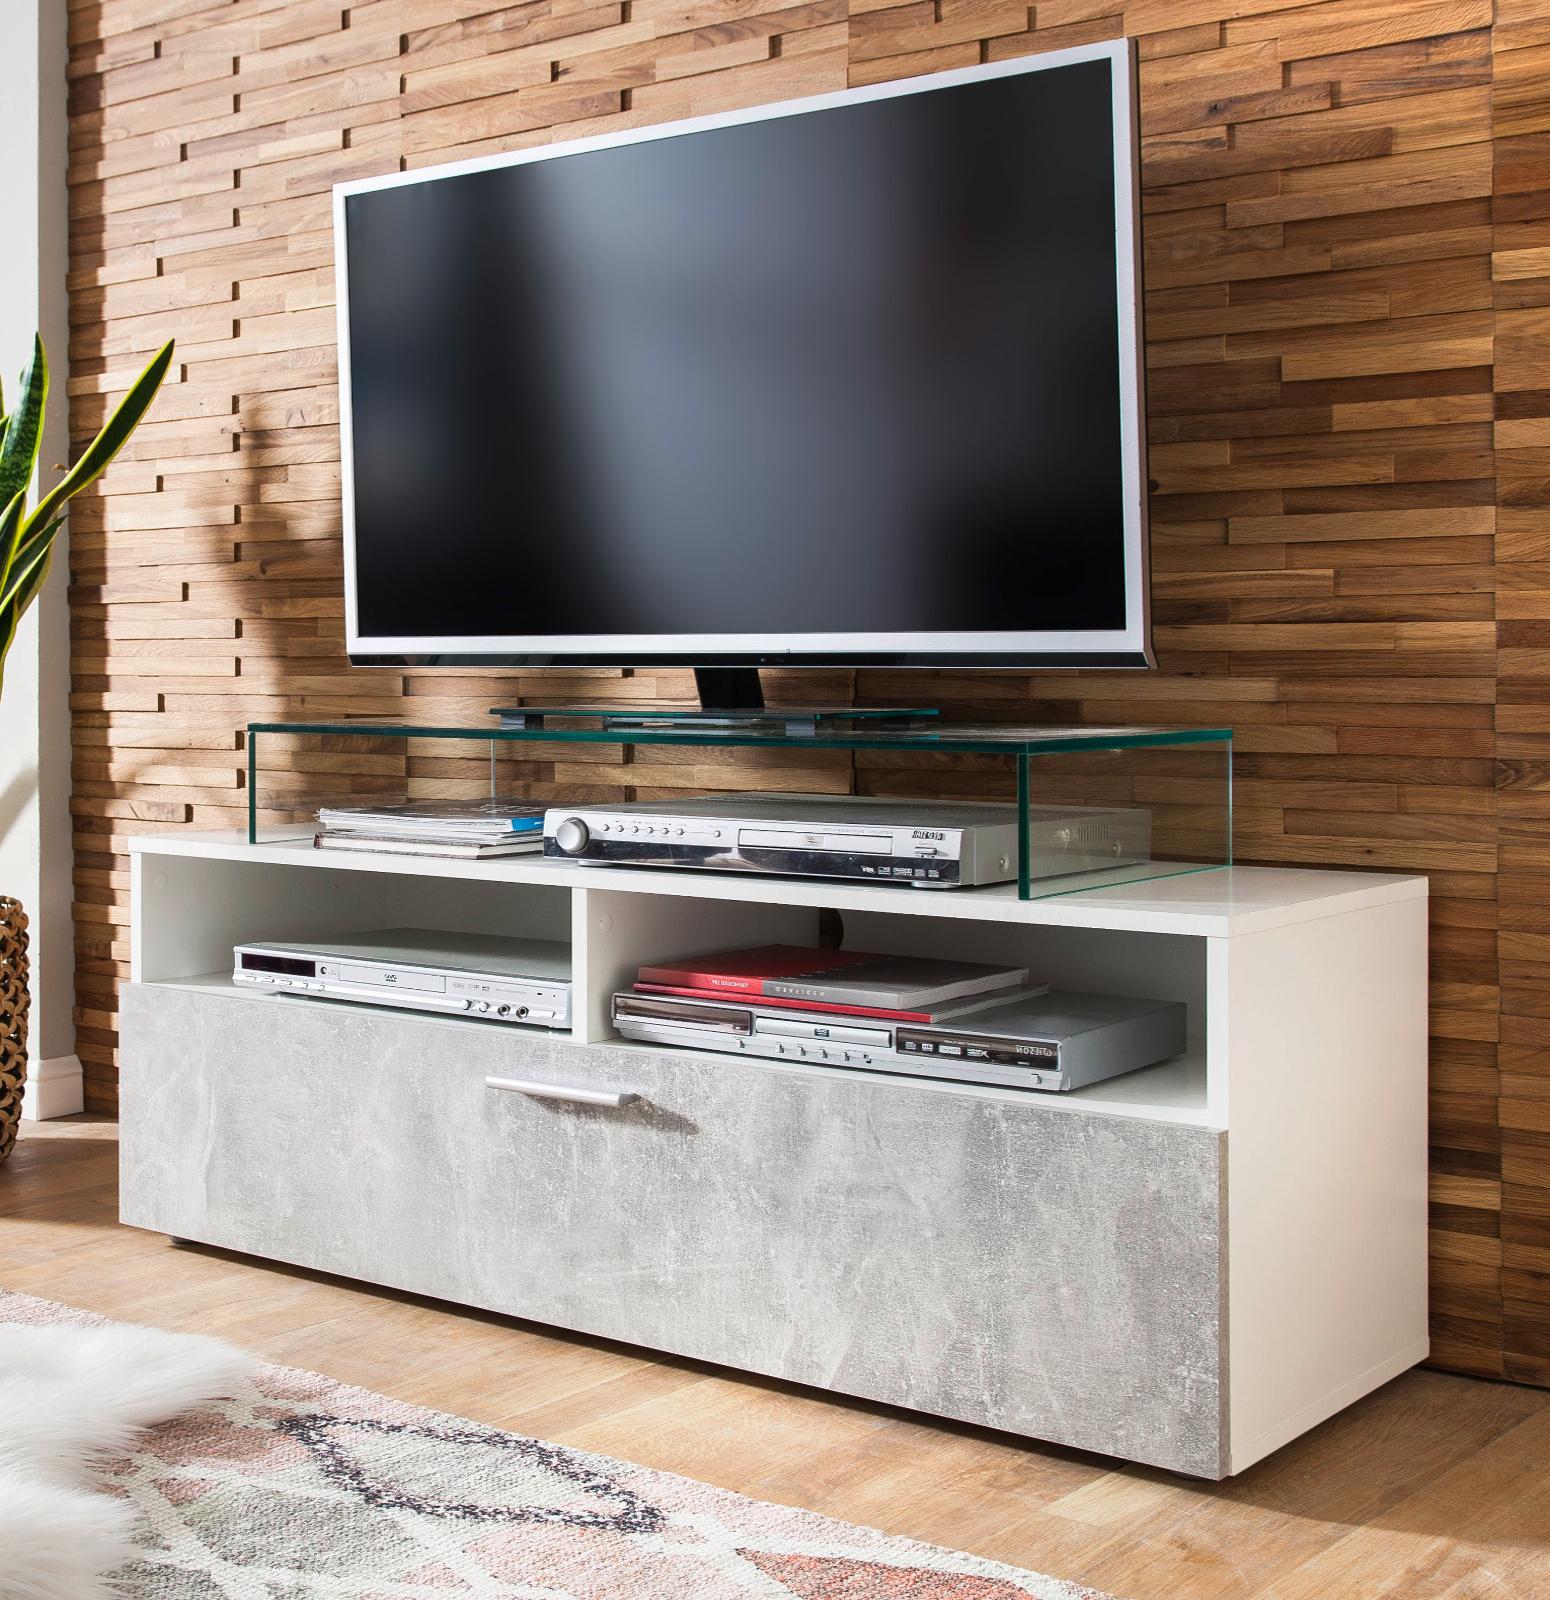 hochbett etagenbett mit rutsche anthrazit grau mixxi4. Black Bedroom Furniture Sets. Home Design Ideas